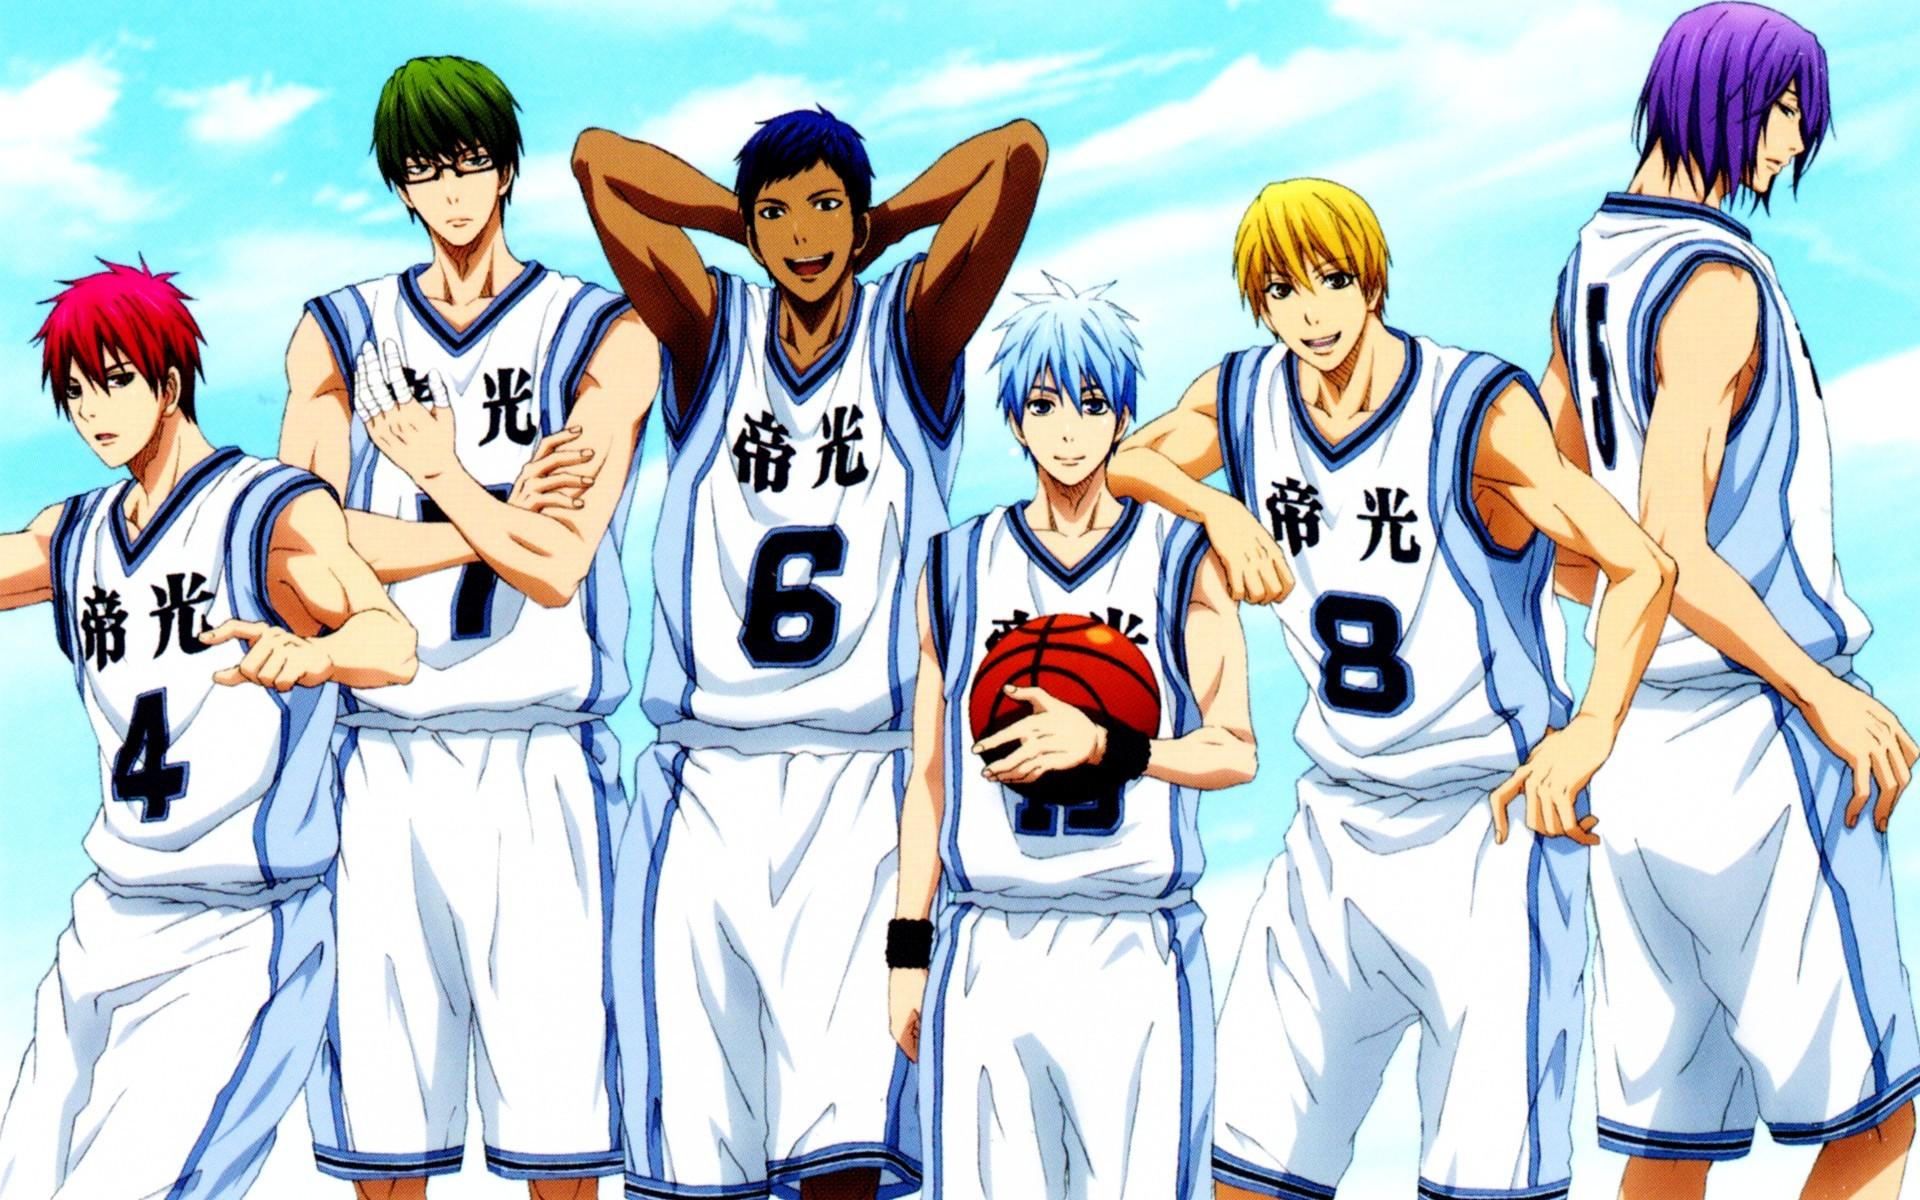 5点证明, 影子篮球员 和 灌篮高手 一样经典